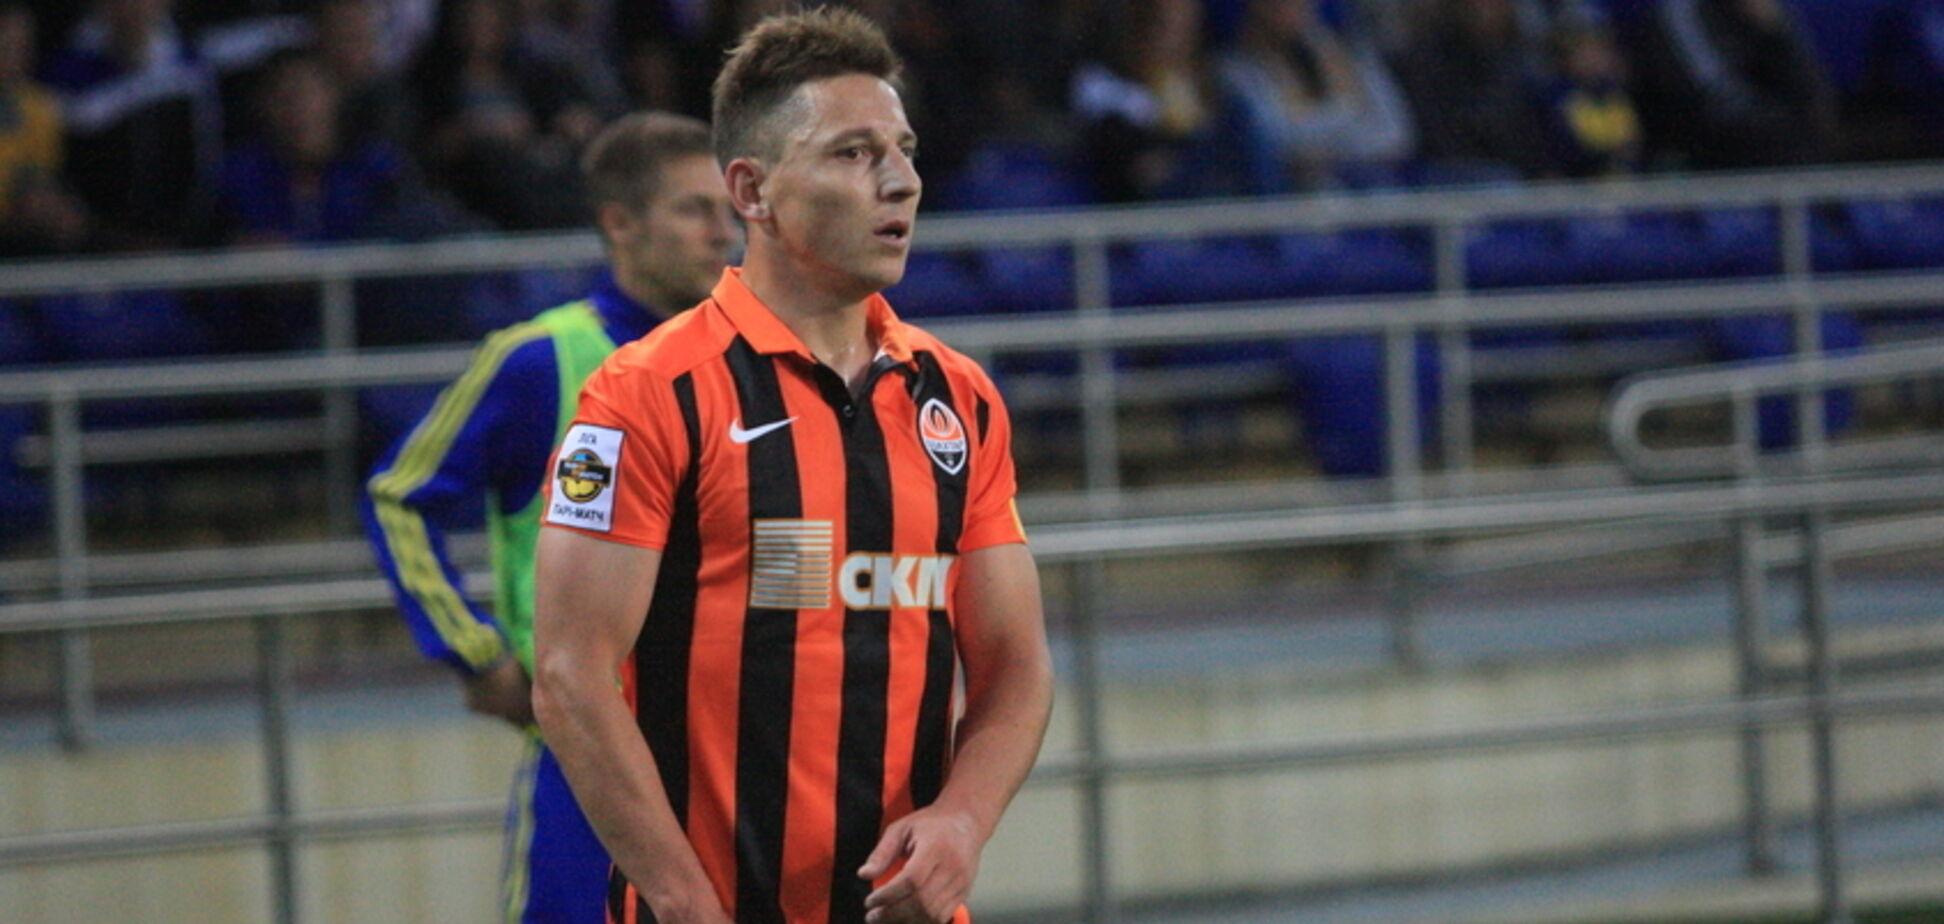 Український футболіст розповів, що зміг купити за кар'єру в 'Шахтарі'